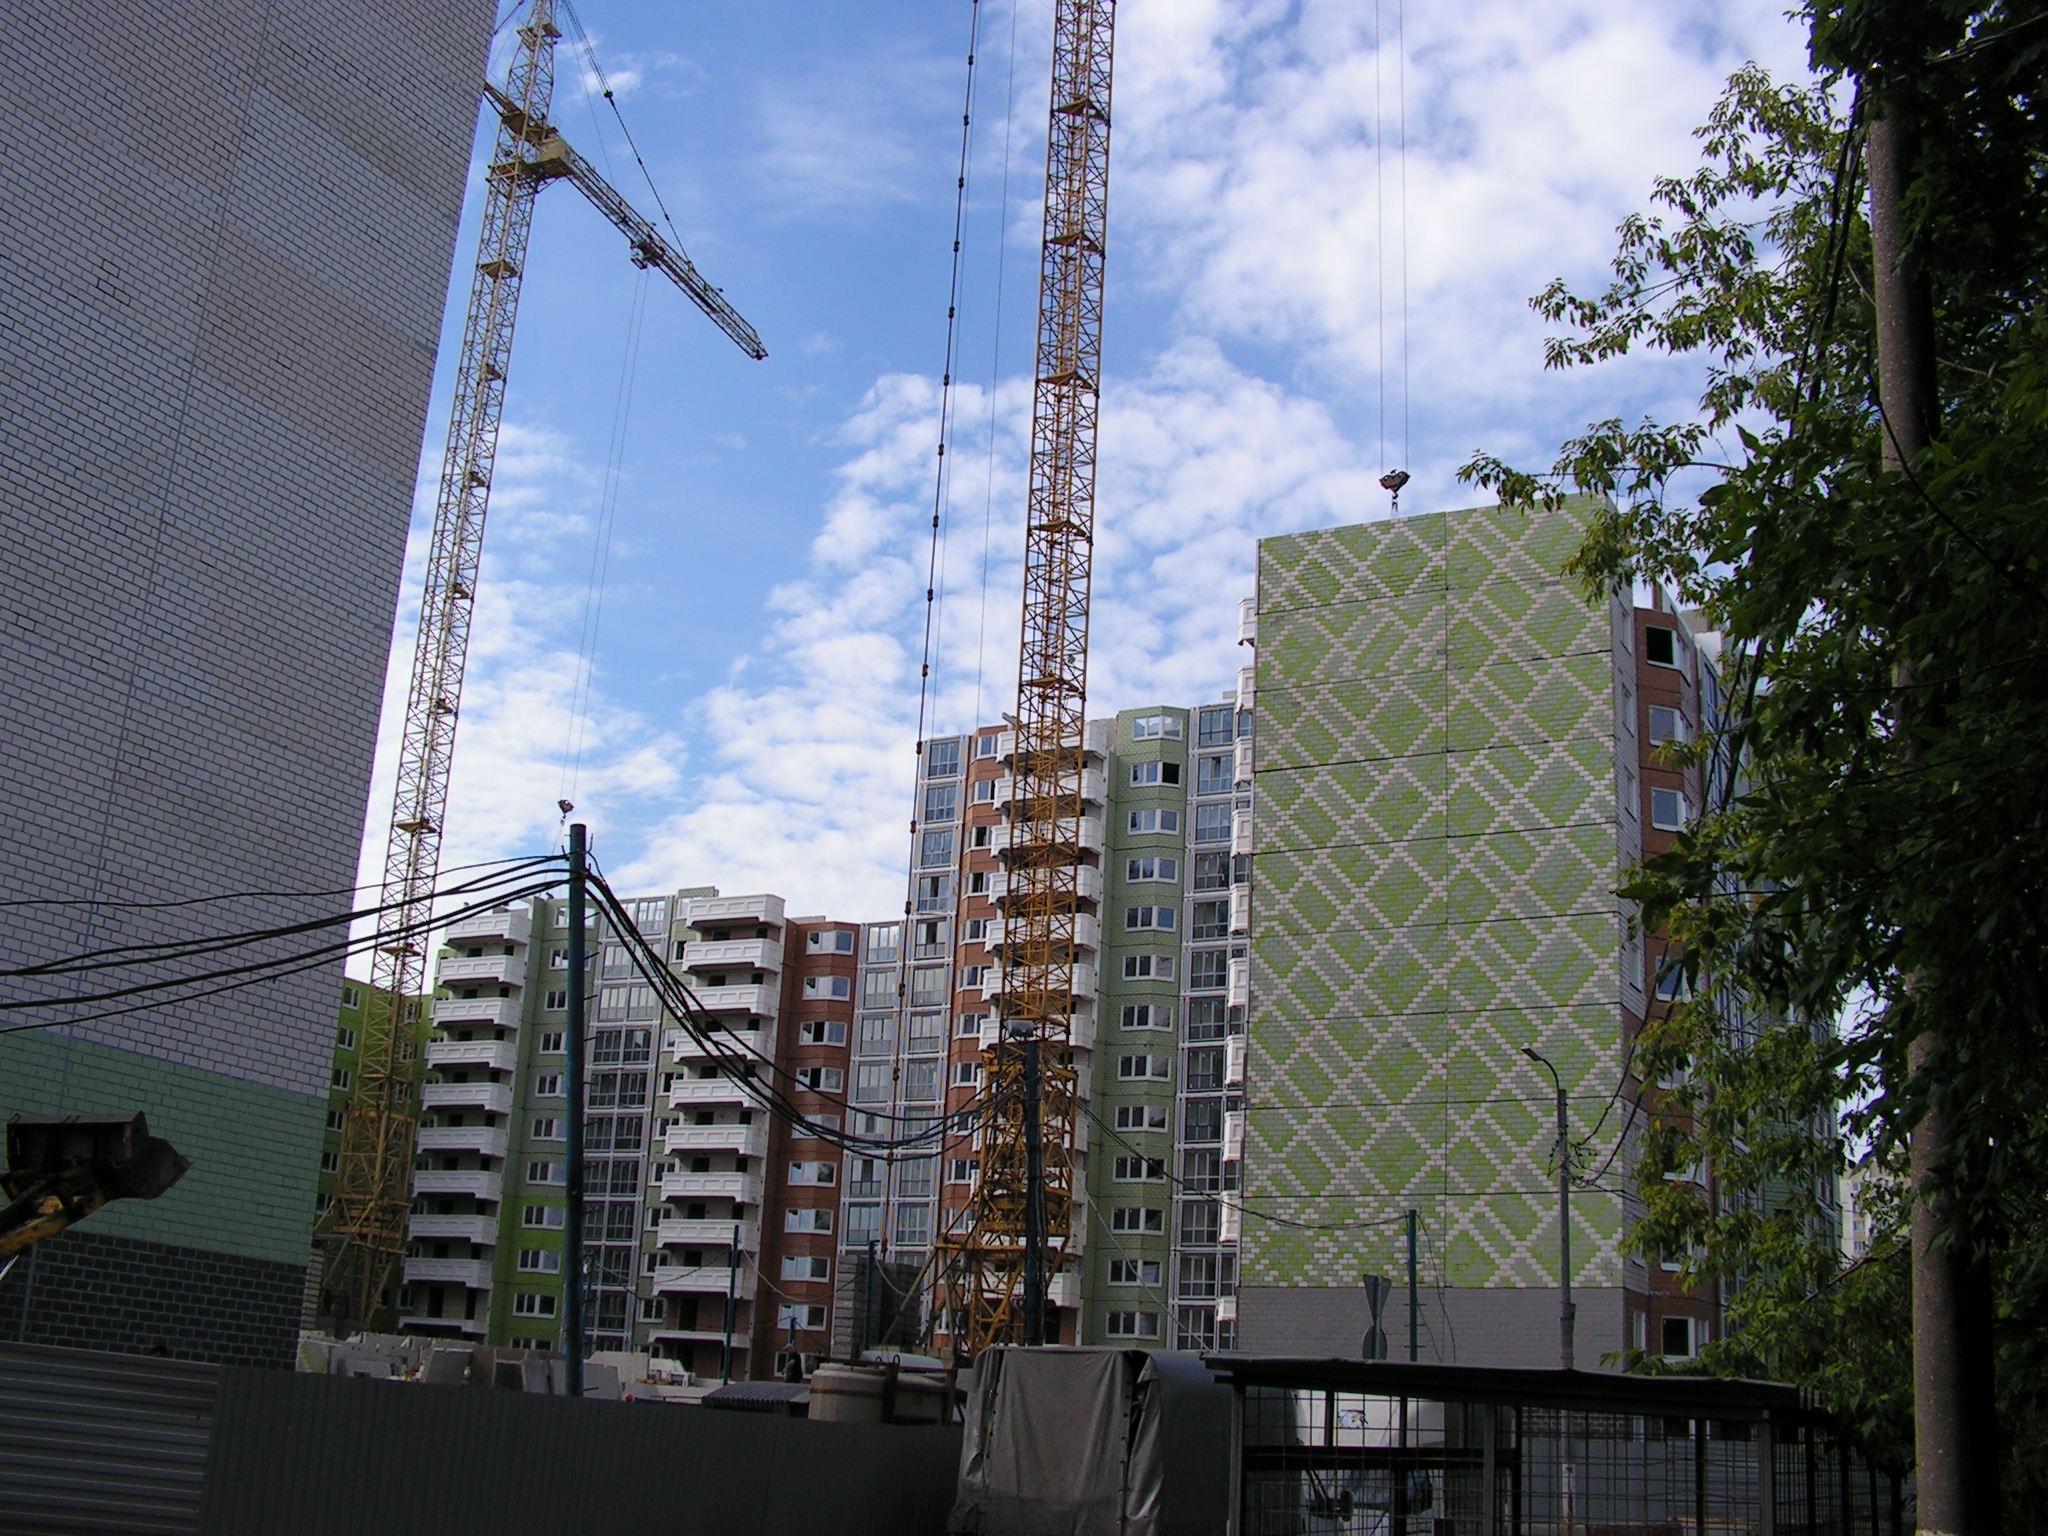 виды строительной деятельности по кодам ОКВЭД